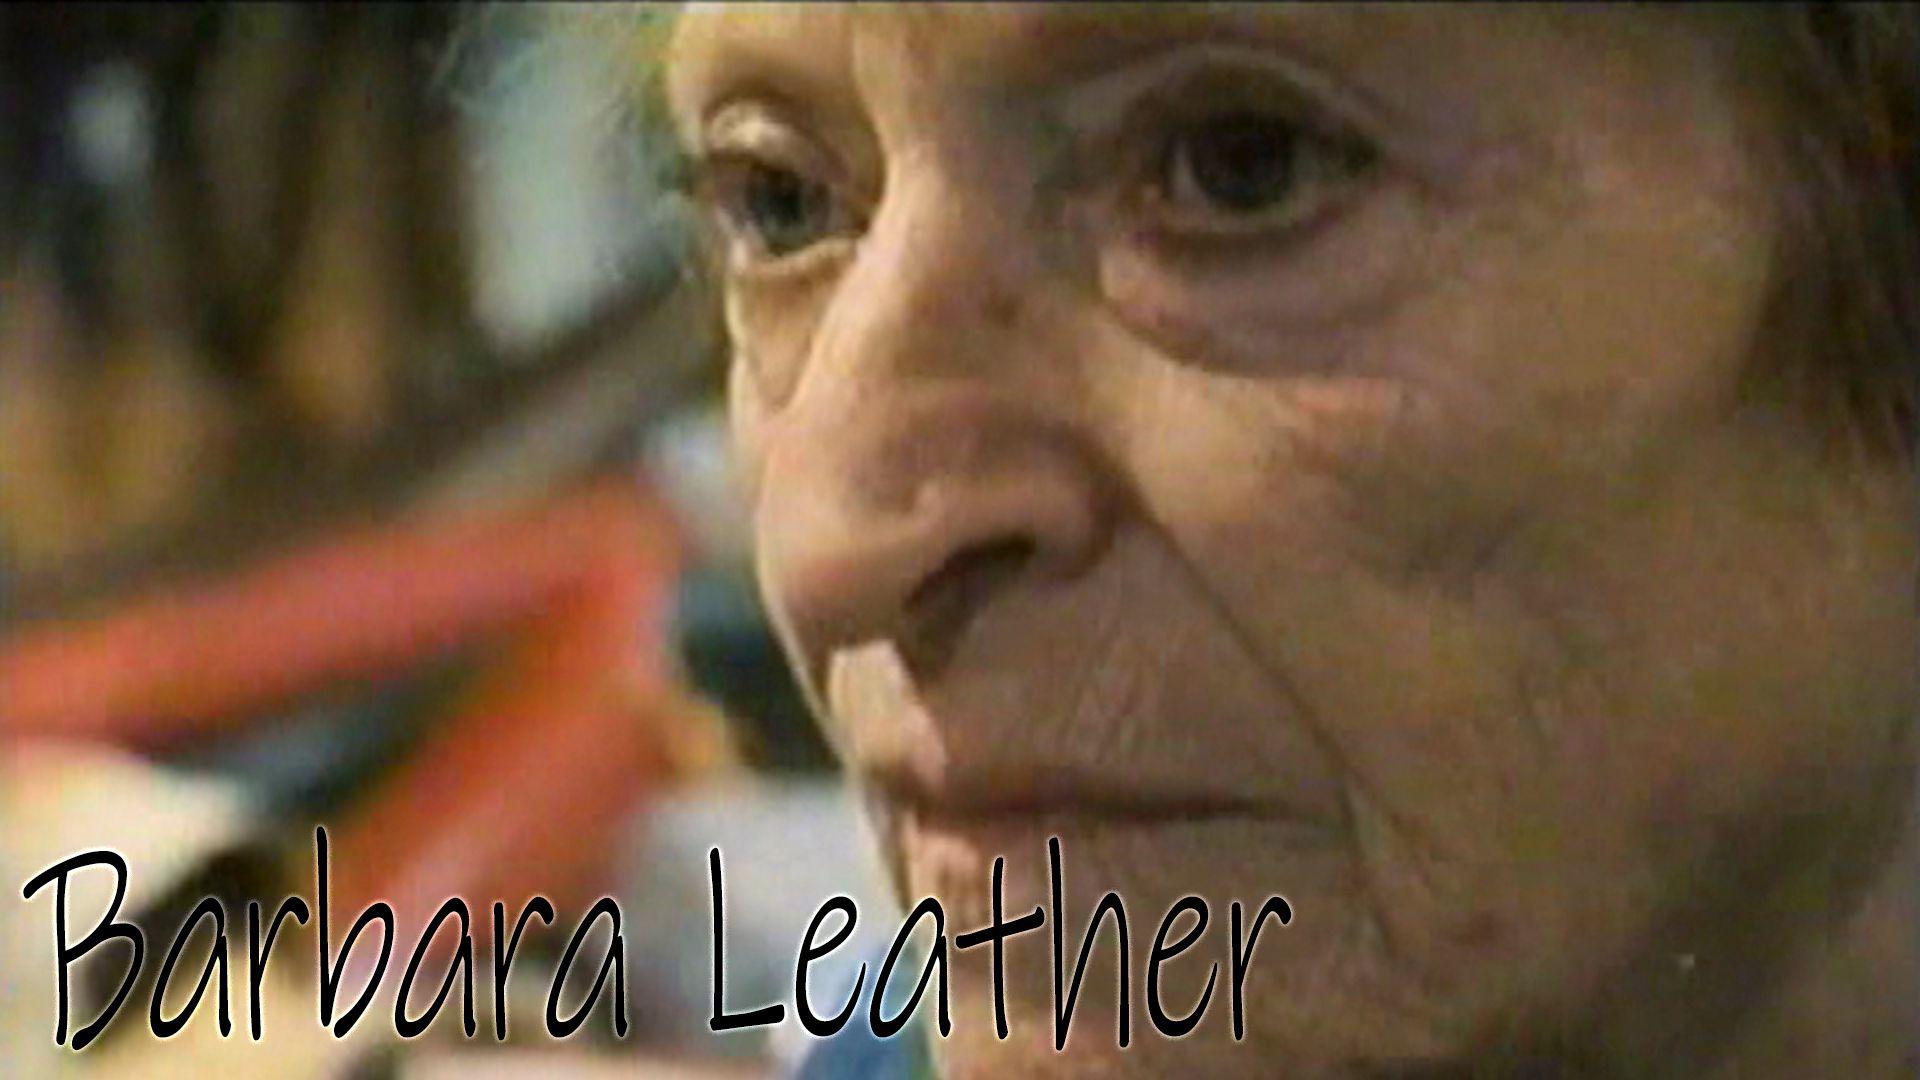 Barbara Leather